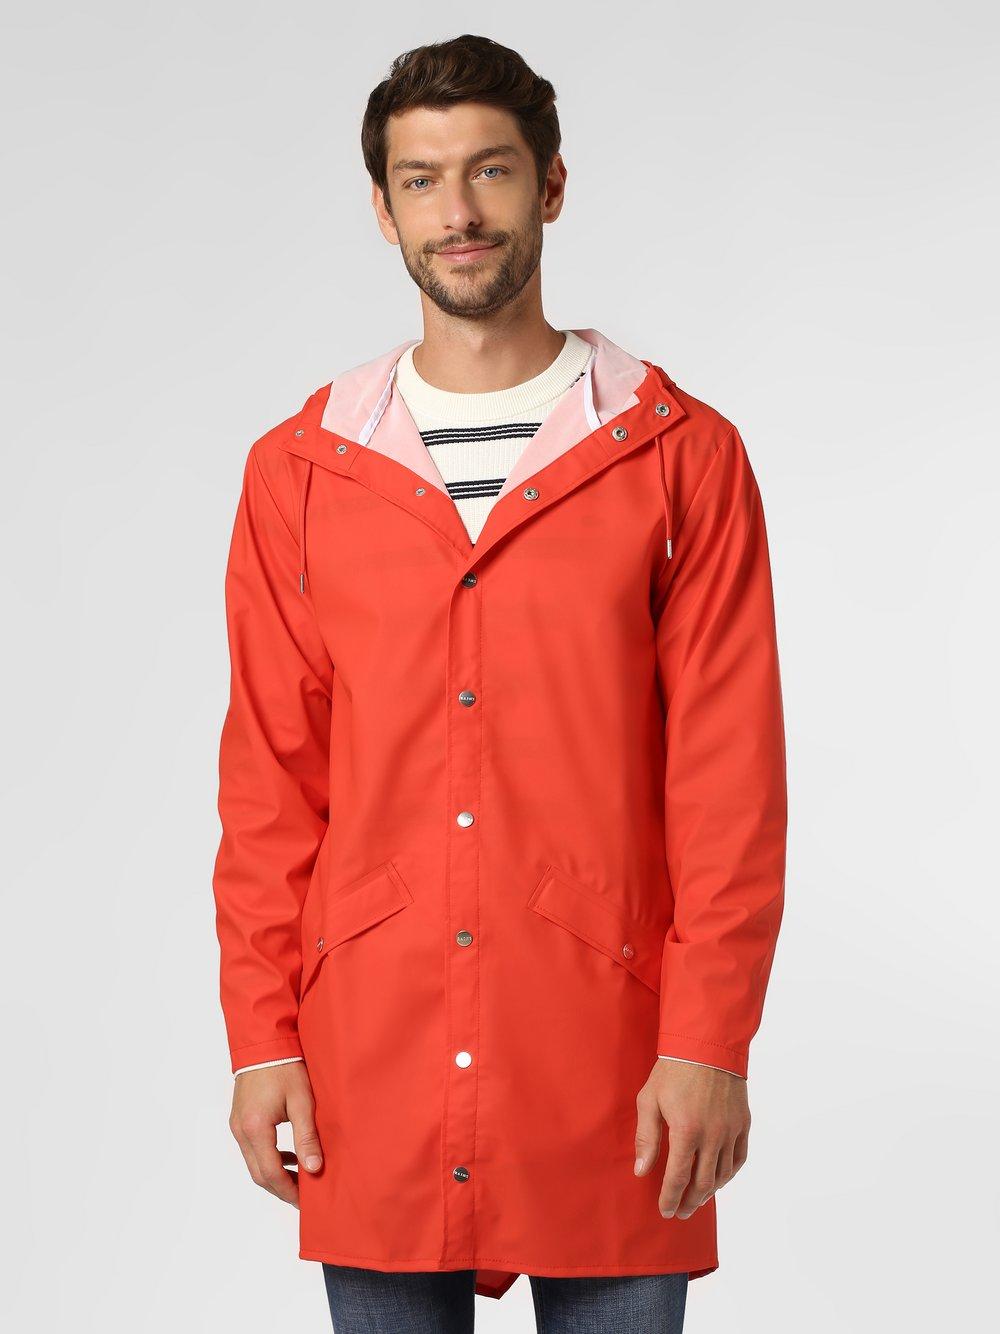 RAINS - Męski płaszcz funkcyjny, czerwony